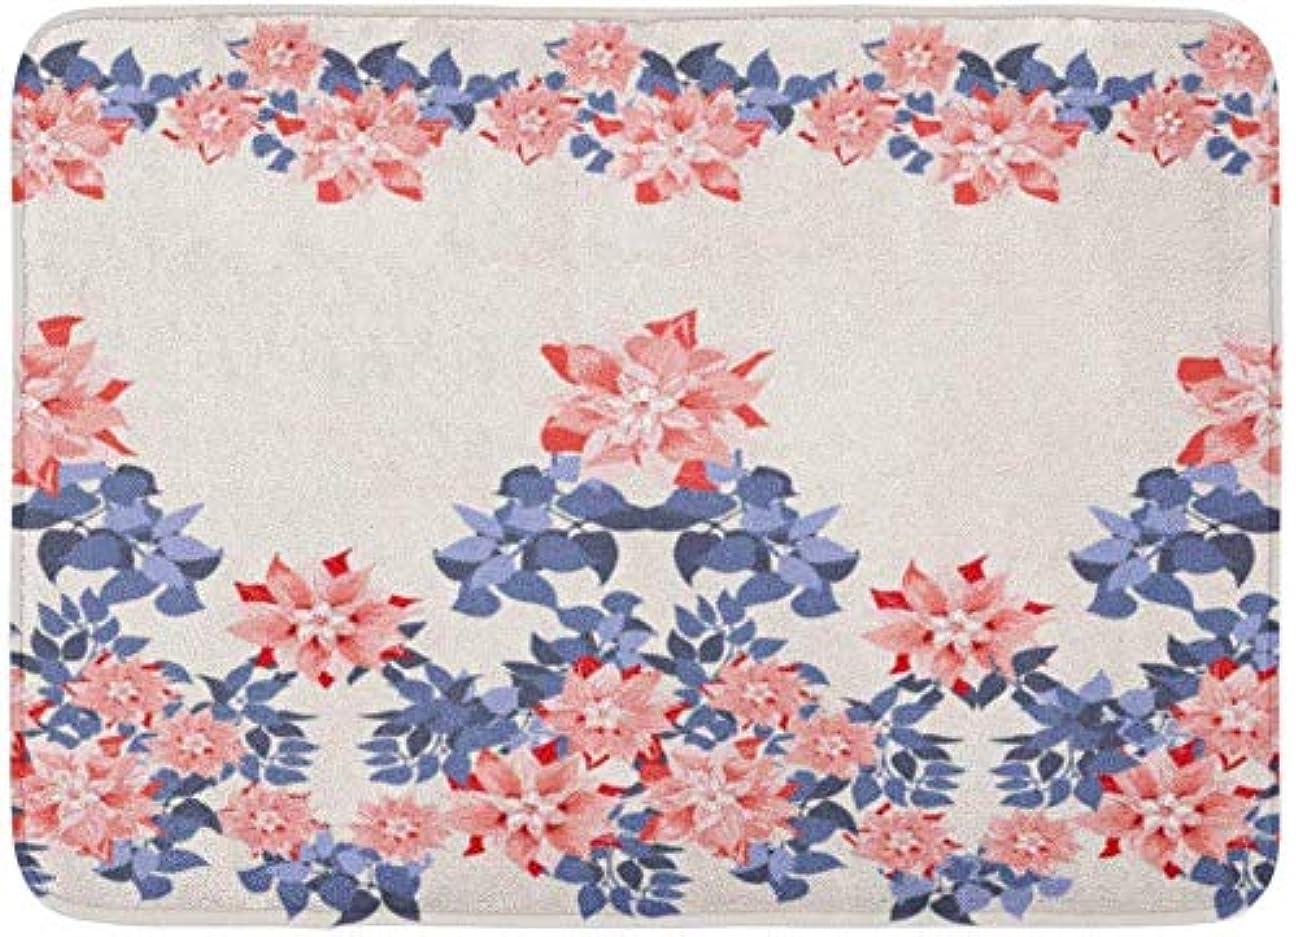 可能性オーブン絶滅したAmxxy クレマチスとネイビーのかわいい花のゴージャスな境界線花のエキゾチックなパターンがデコパージュサテンの背景パターンフランネル屋内フロアマットバスラグは、超吸収性3D印刷60x40cmのずれや滑りを防ぎます